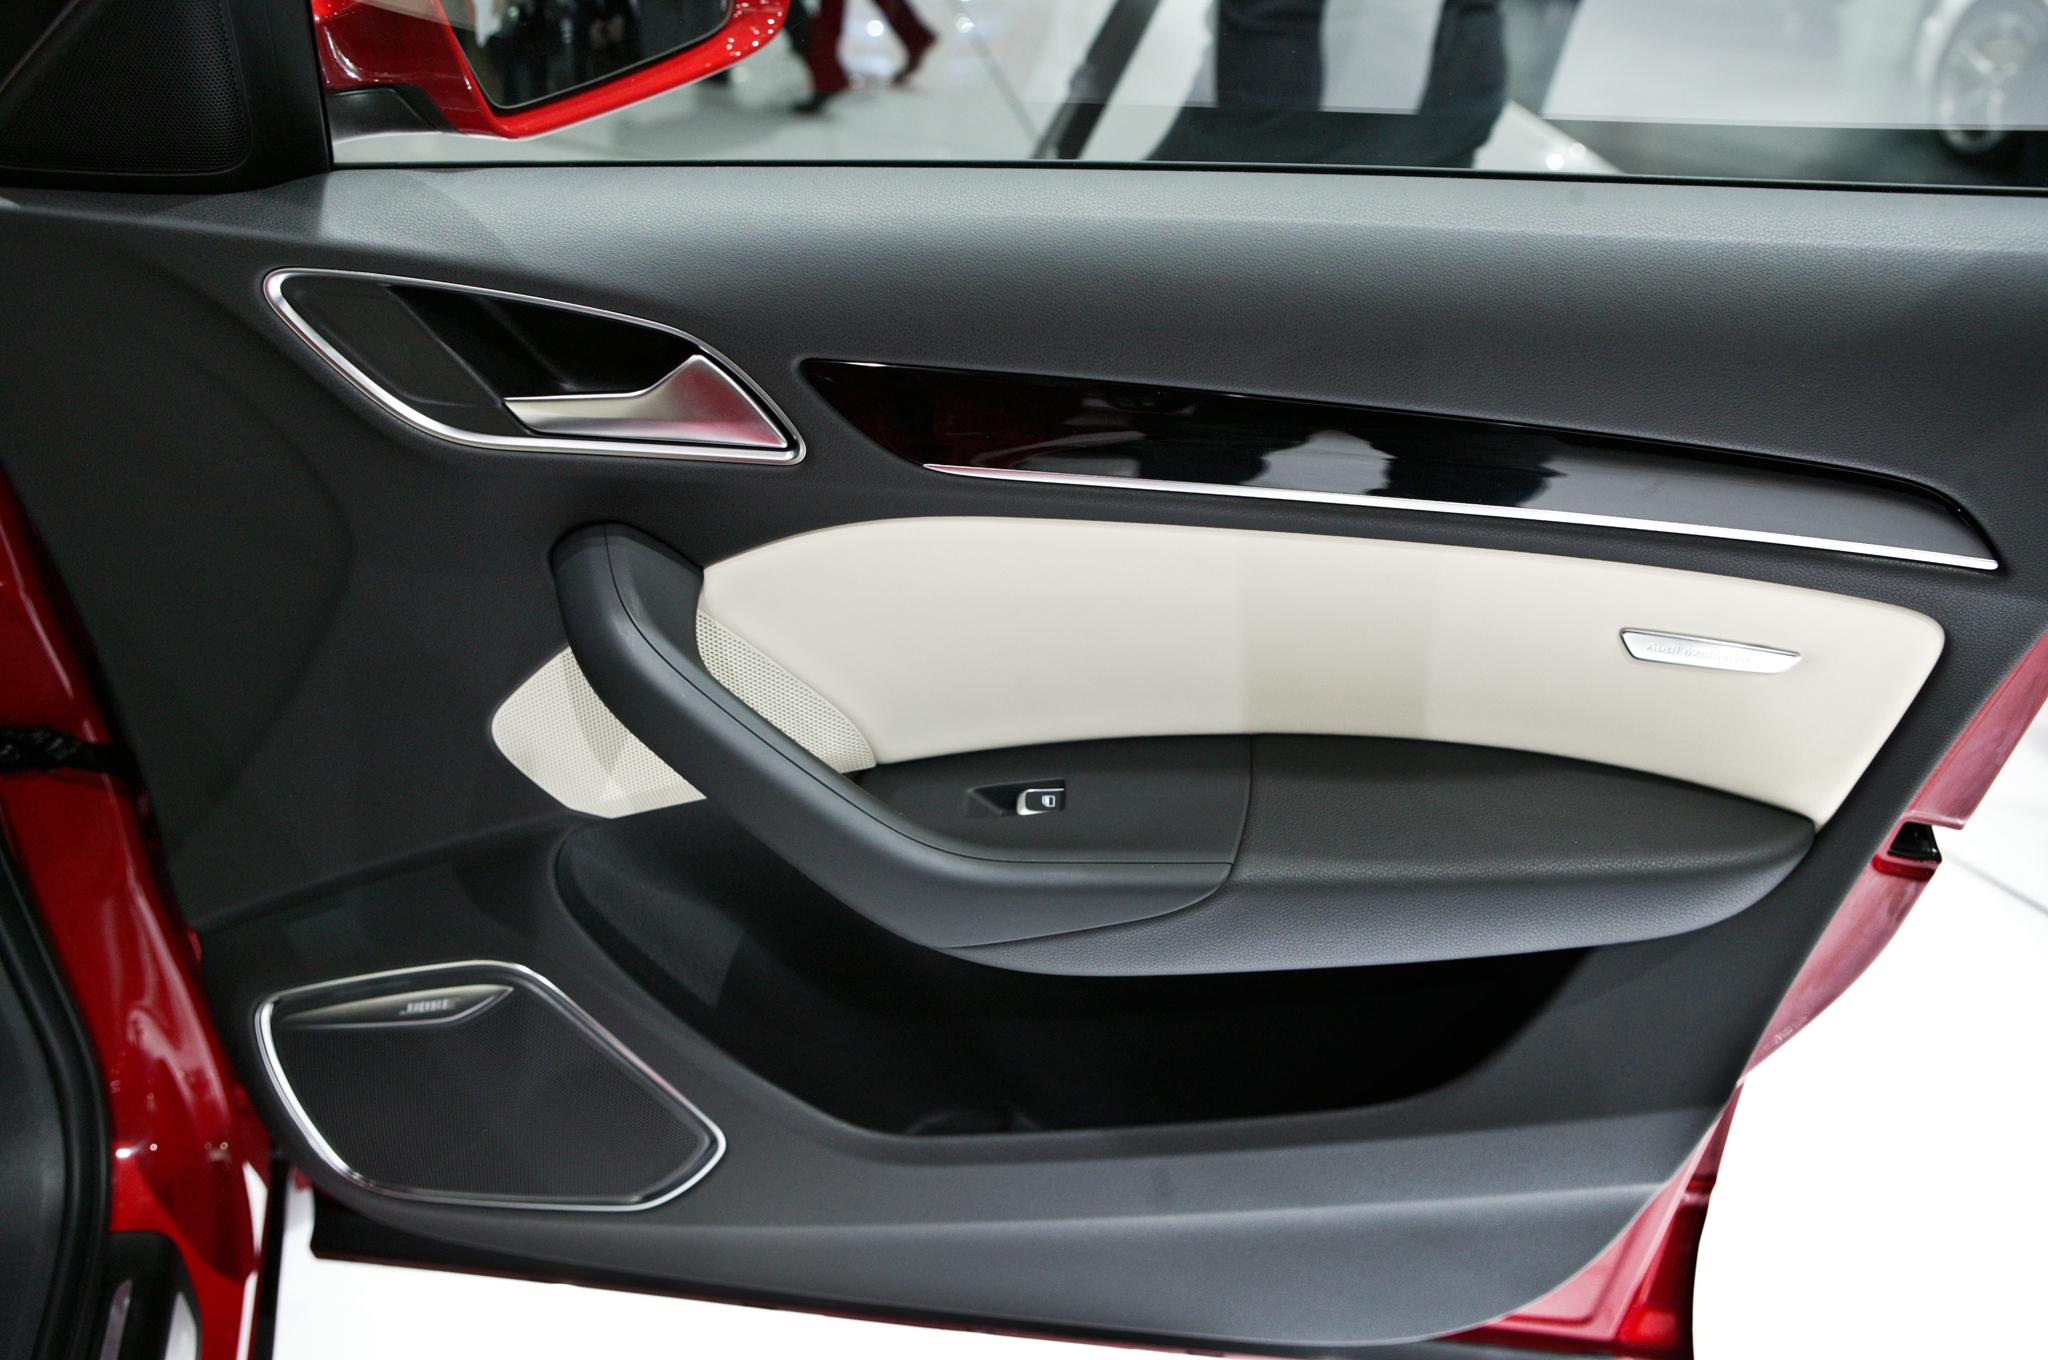 2015 Audi Q3 Door Panel (Photo 5 of 21)